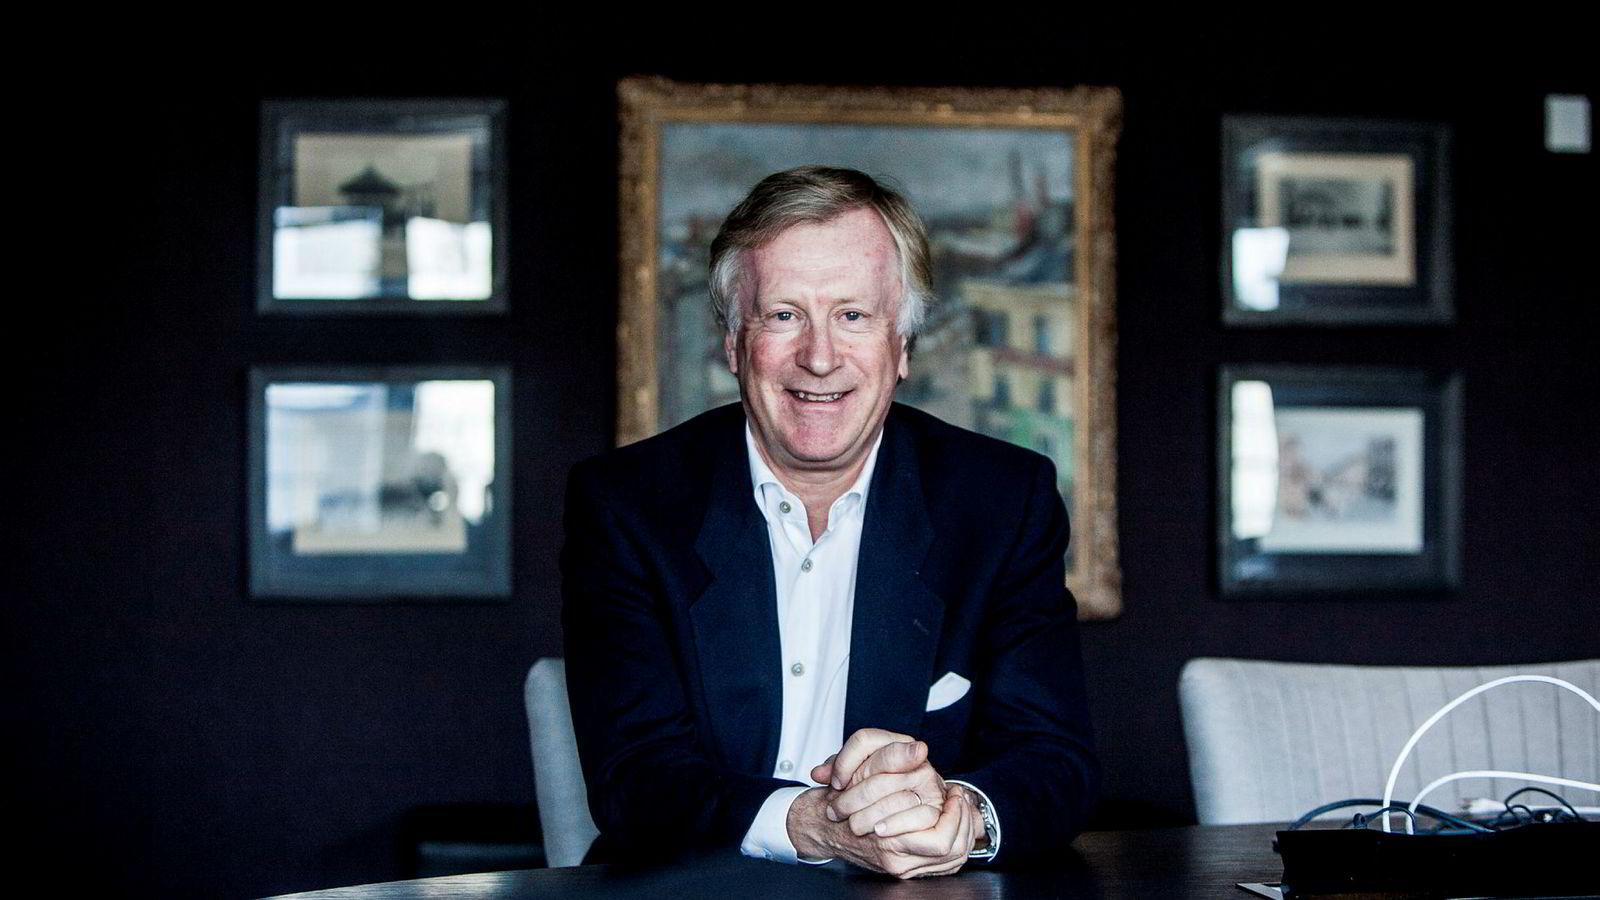 Den tidligere forretningsadvokaten Carl Erik Krefting tjente over 300 millioner kroner på eiendom og aksjer i fjor.